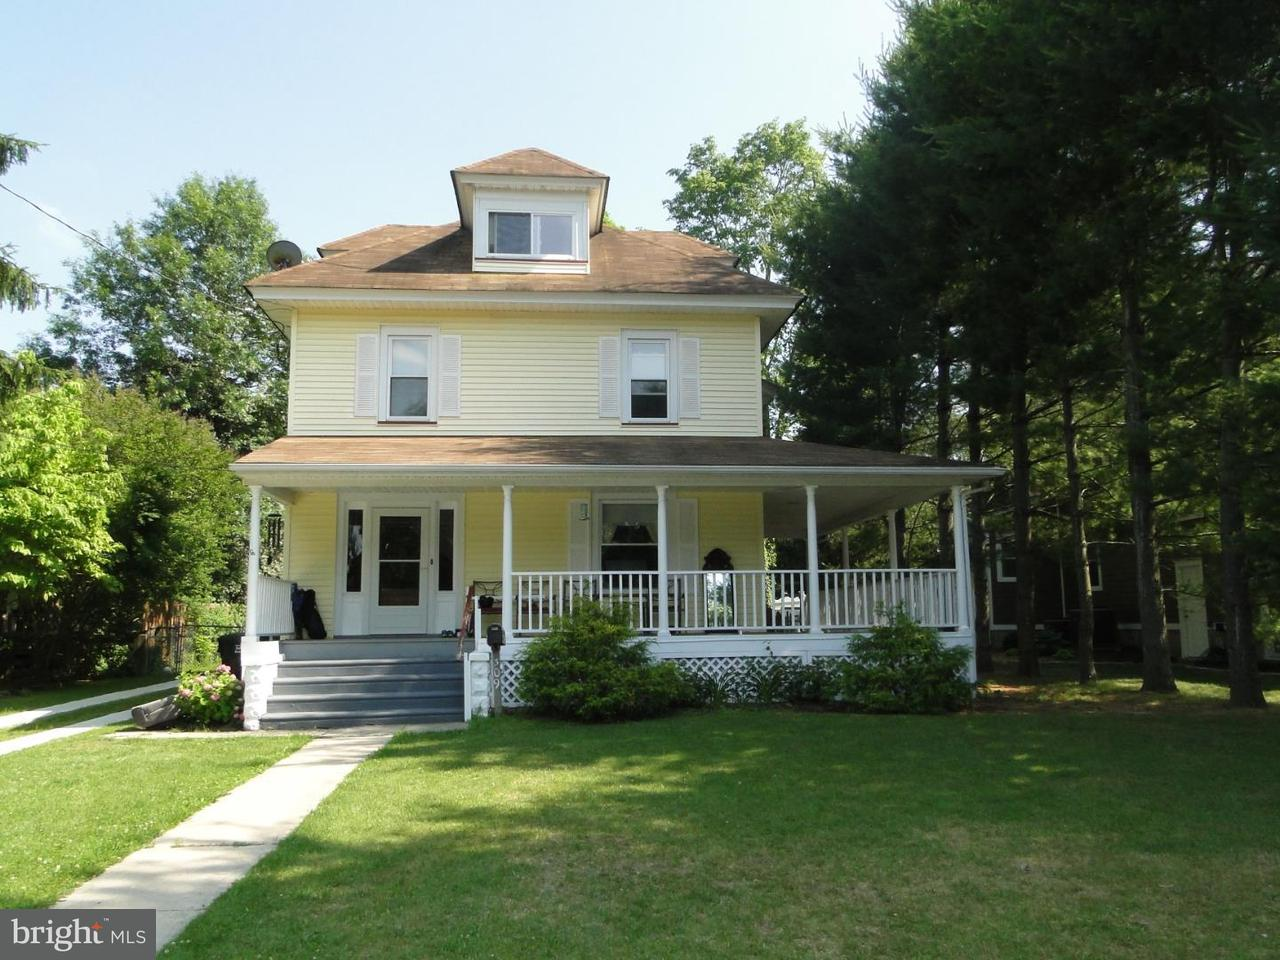 Casa Unifamiliar por un Alquiler en 309 PITMAN Avenue Pitman, Nueva Jersey 08071 Estados Unidos